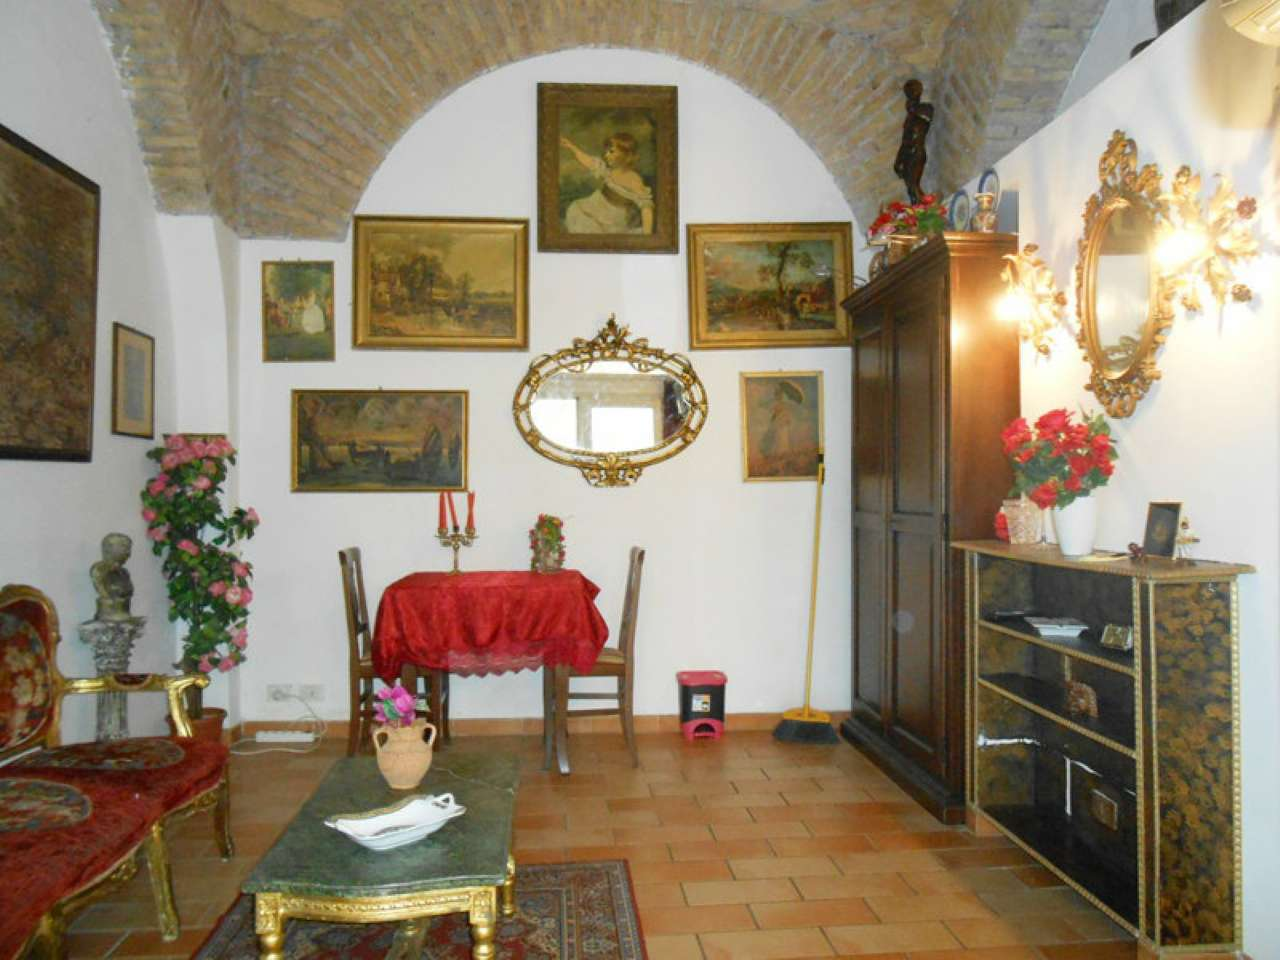 Appartamento in vendita a Roma, 2 locali, zona Zona: 25 . Trastevere - Testaccio, prezzo € 185.000 | CambioCasa.it